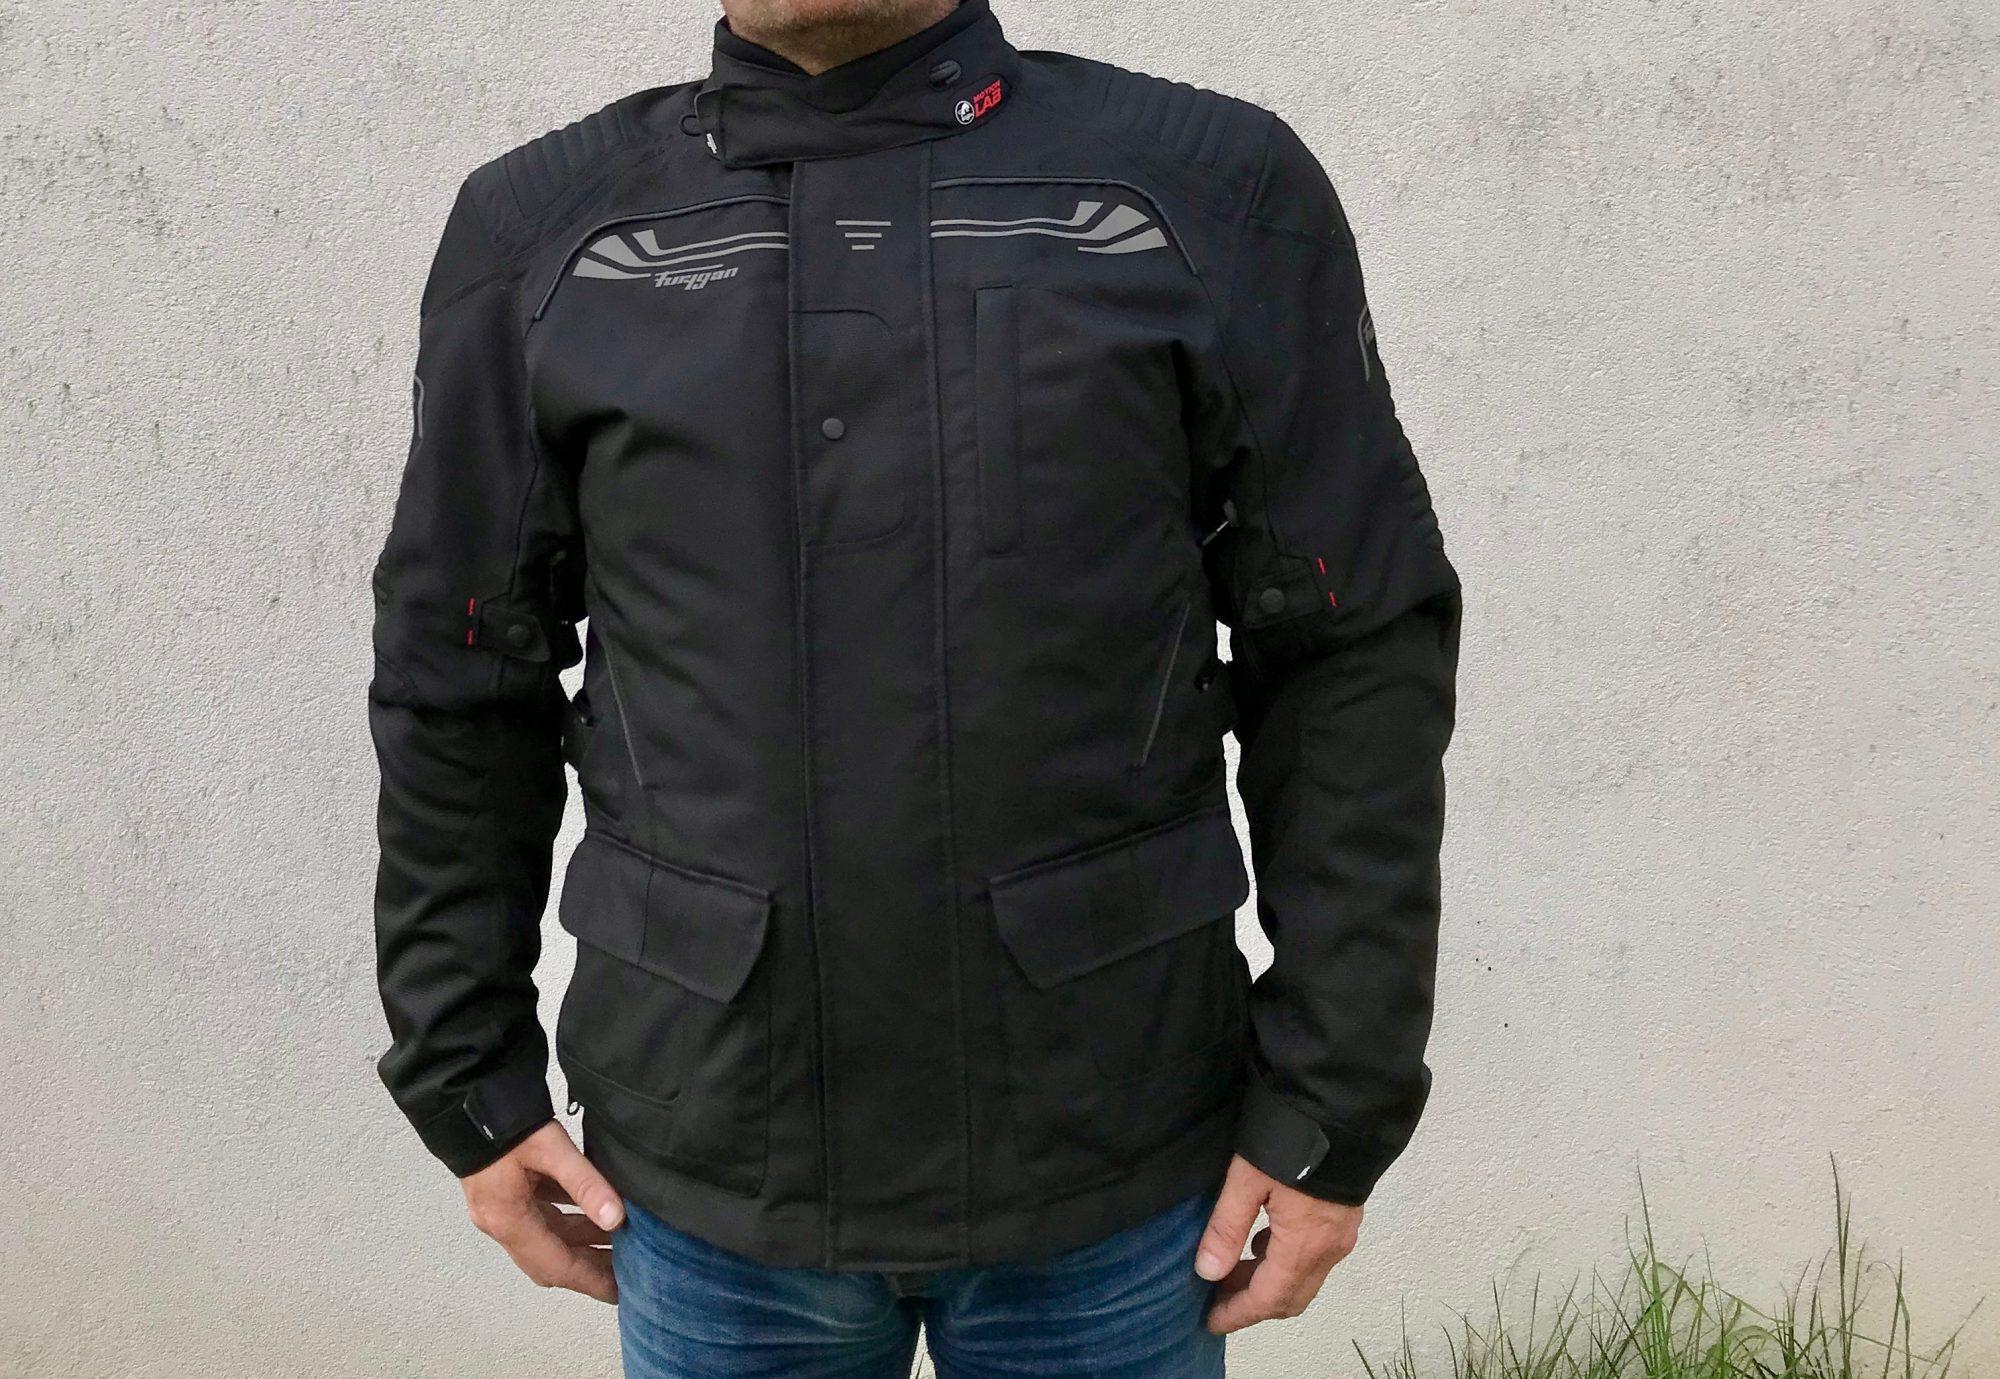 Essai veste Furygan Bronco 3EN1